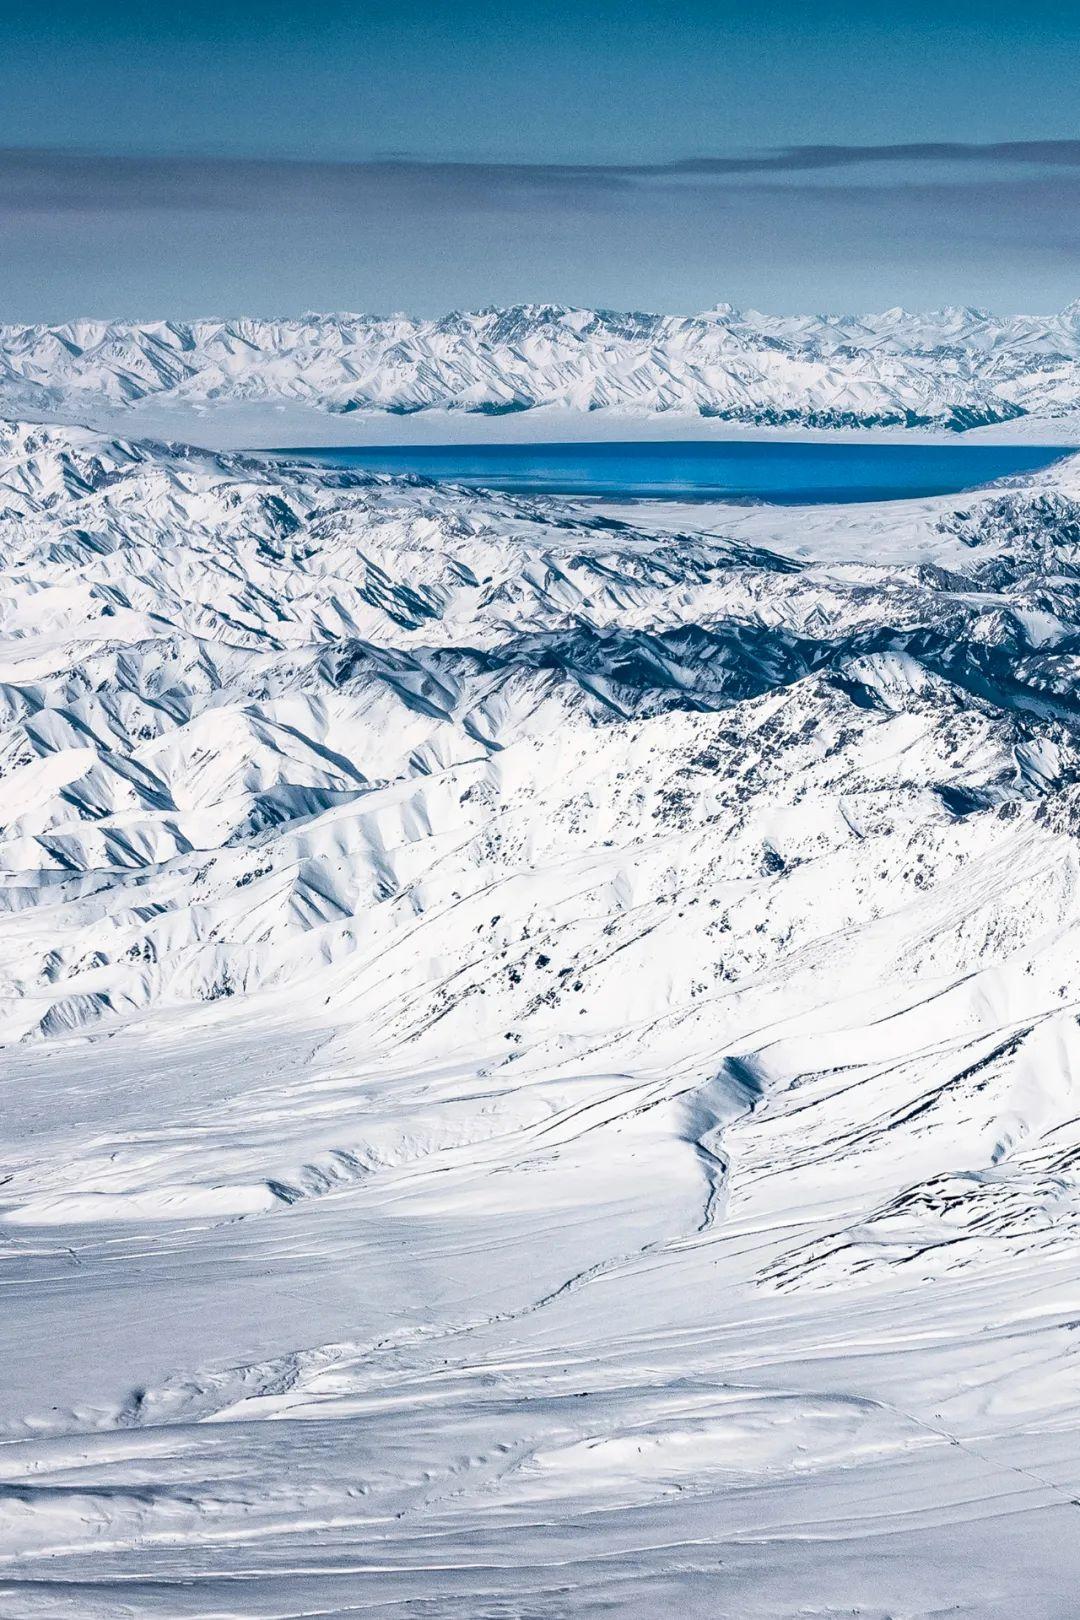 ▲ 大西洋的最后一滴眼泪——赛里木湖。摄影/傅鼎